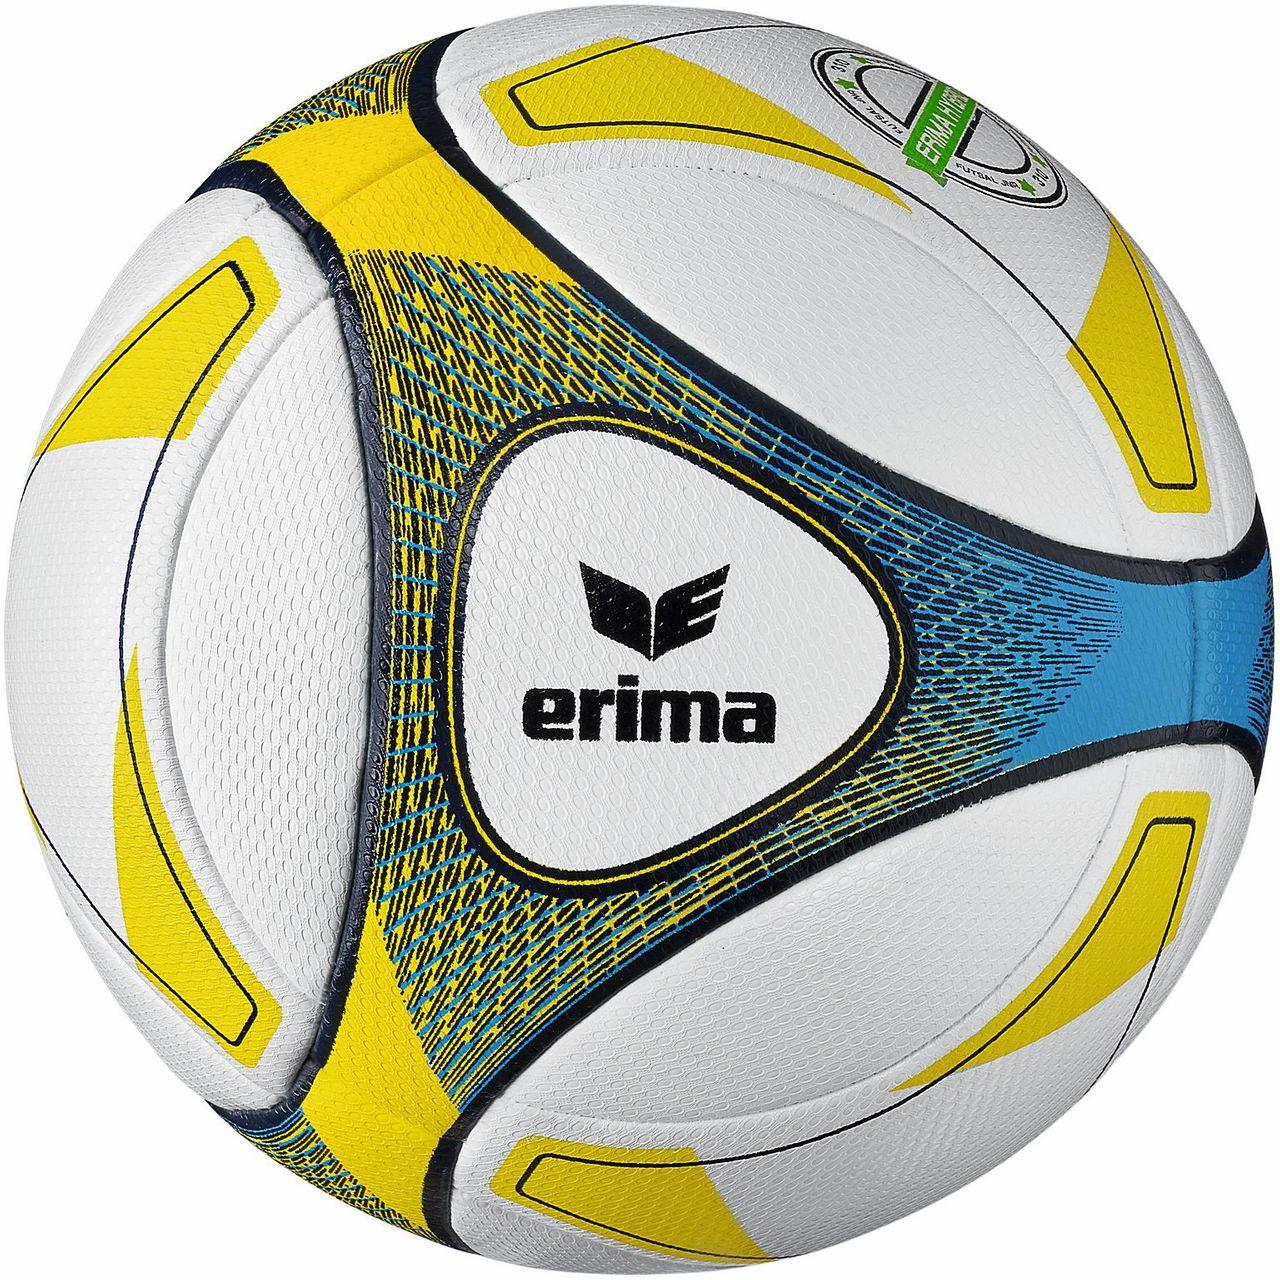 10 x erima Trainingsball Futsal - Hybrid JNR 310 inkl. Ballsack